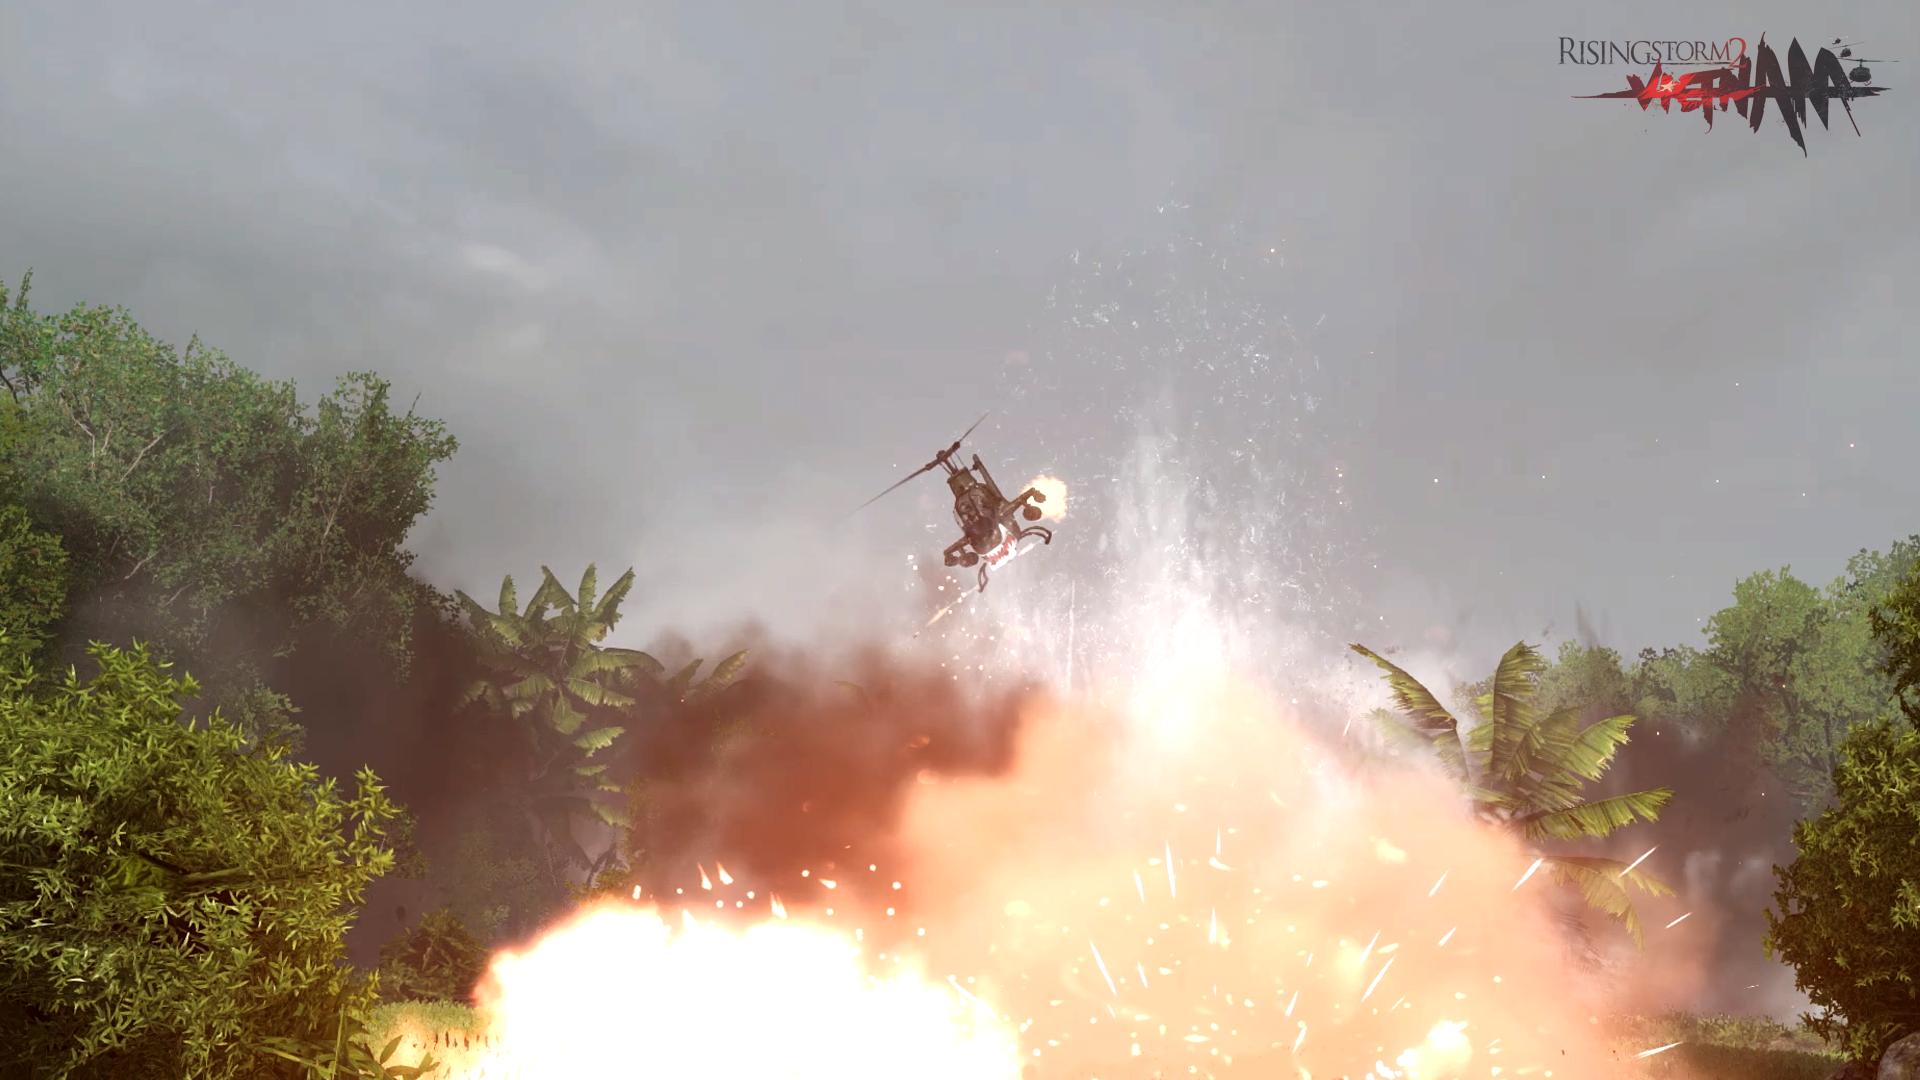 Rising Storm 2: Vietnam nabídne ovladatelné vrtulníky 129880